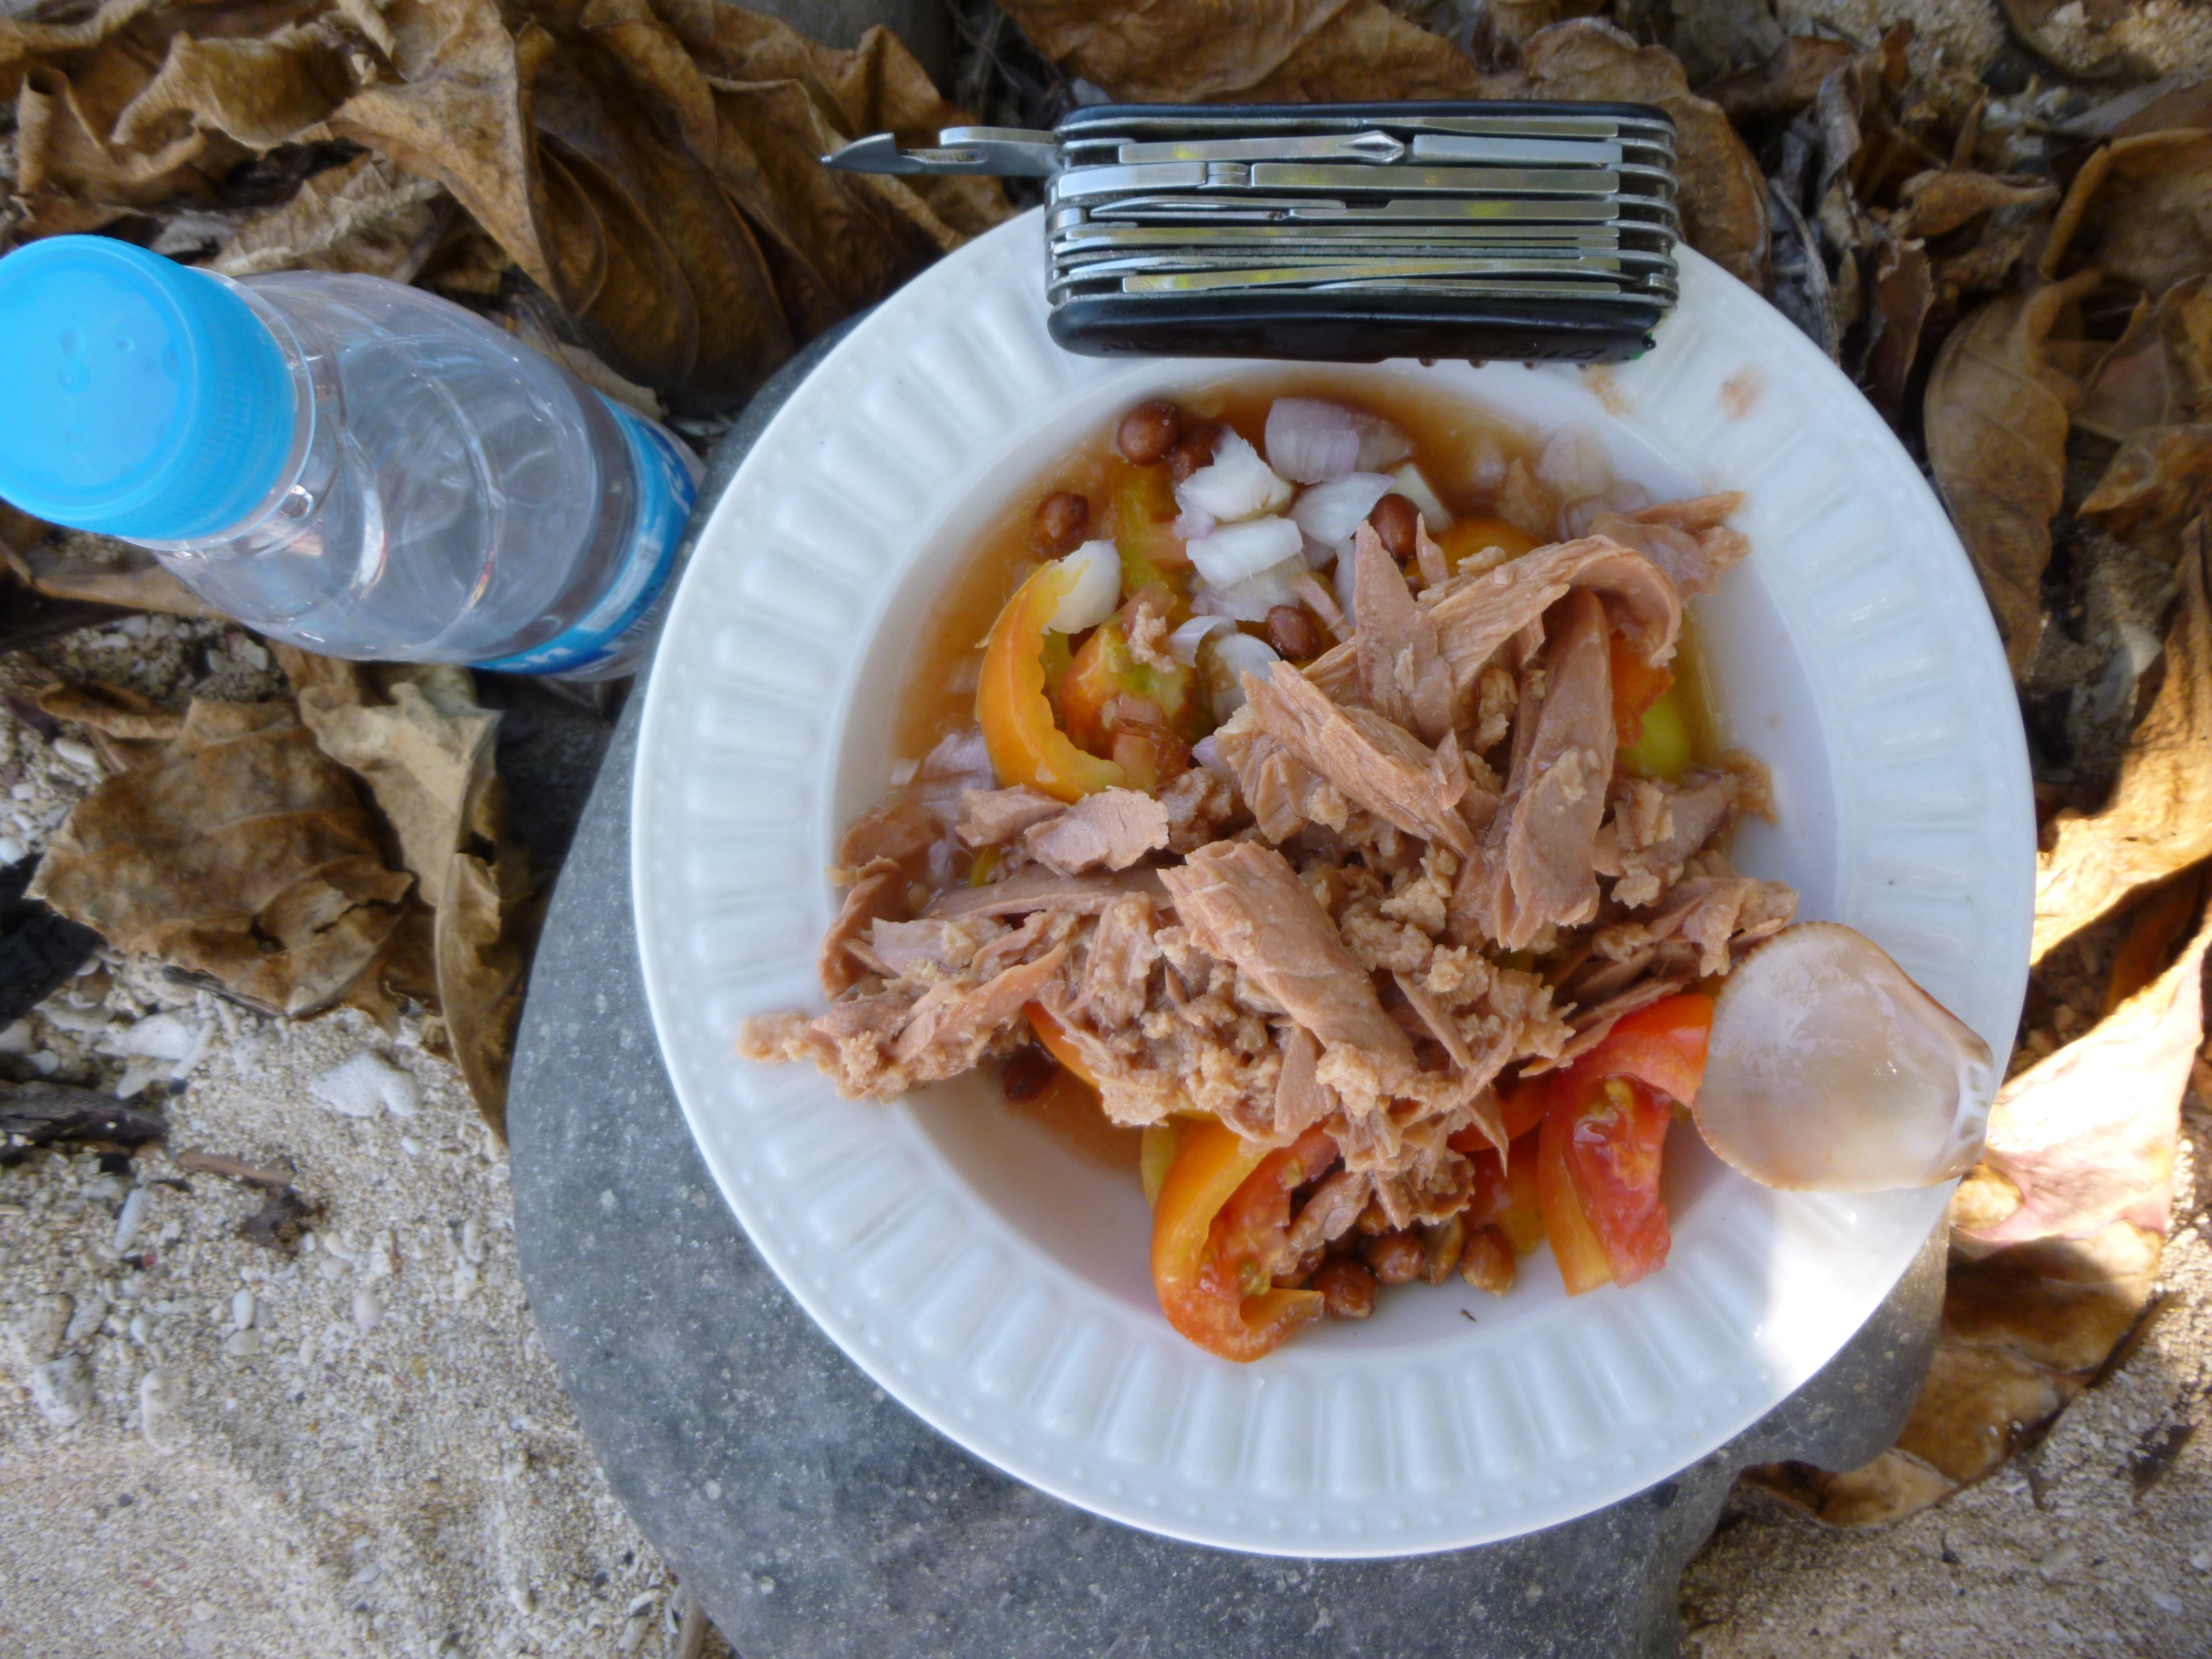 notre repas, l'assiette et le couteau victorinox sont des prets